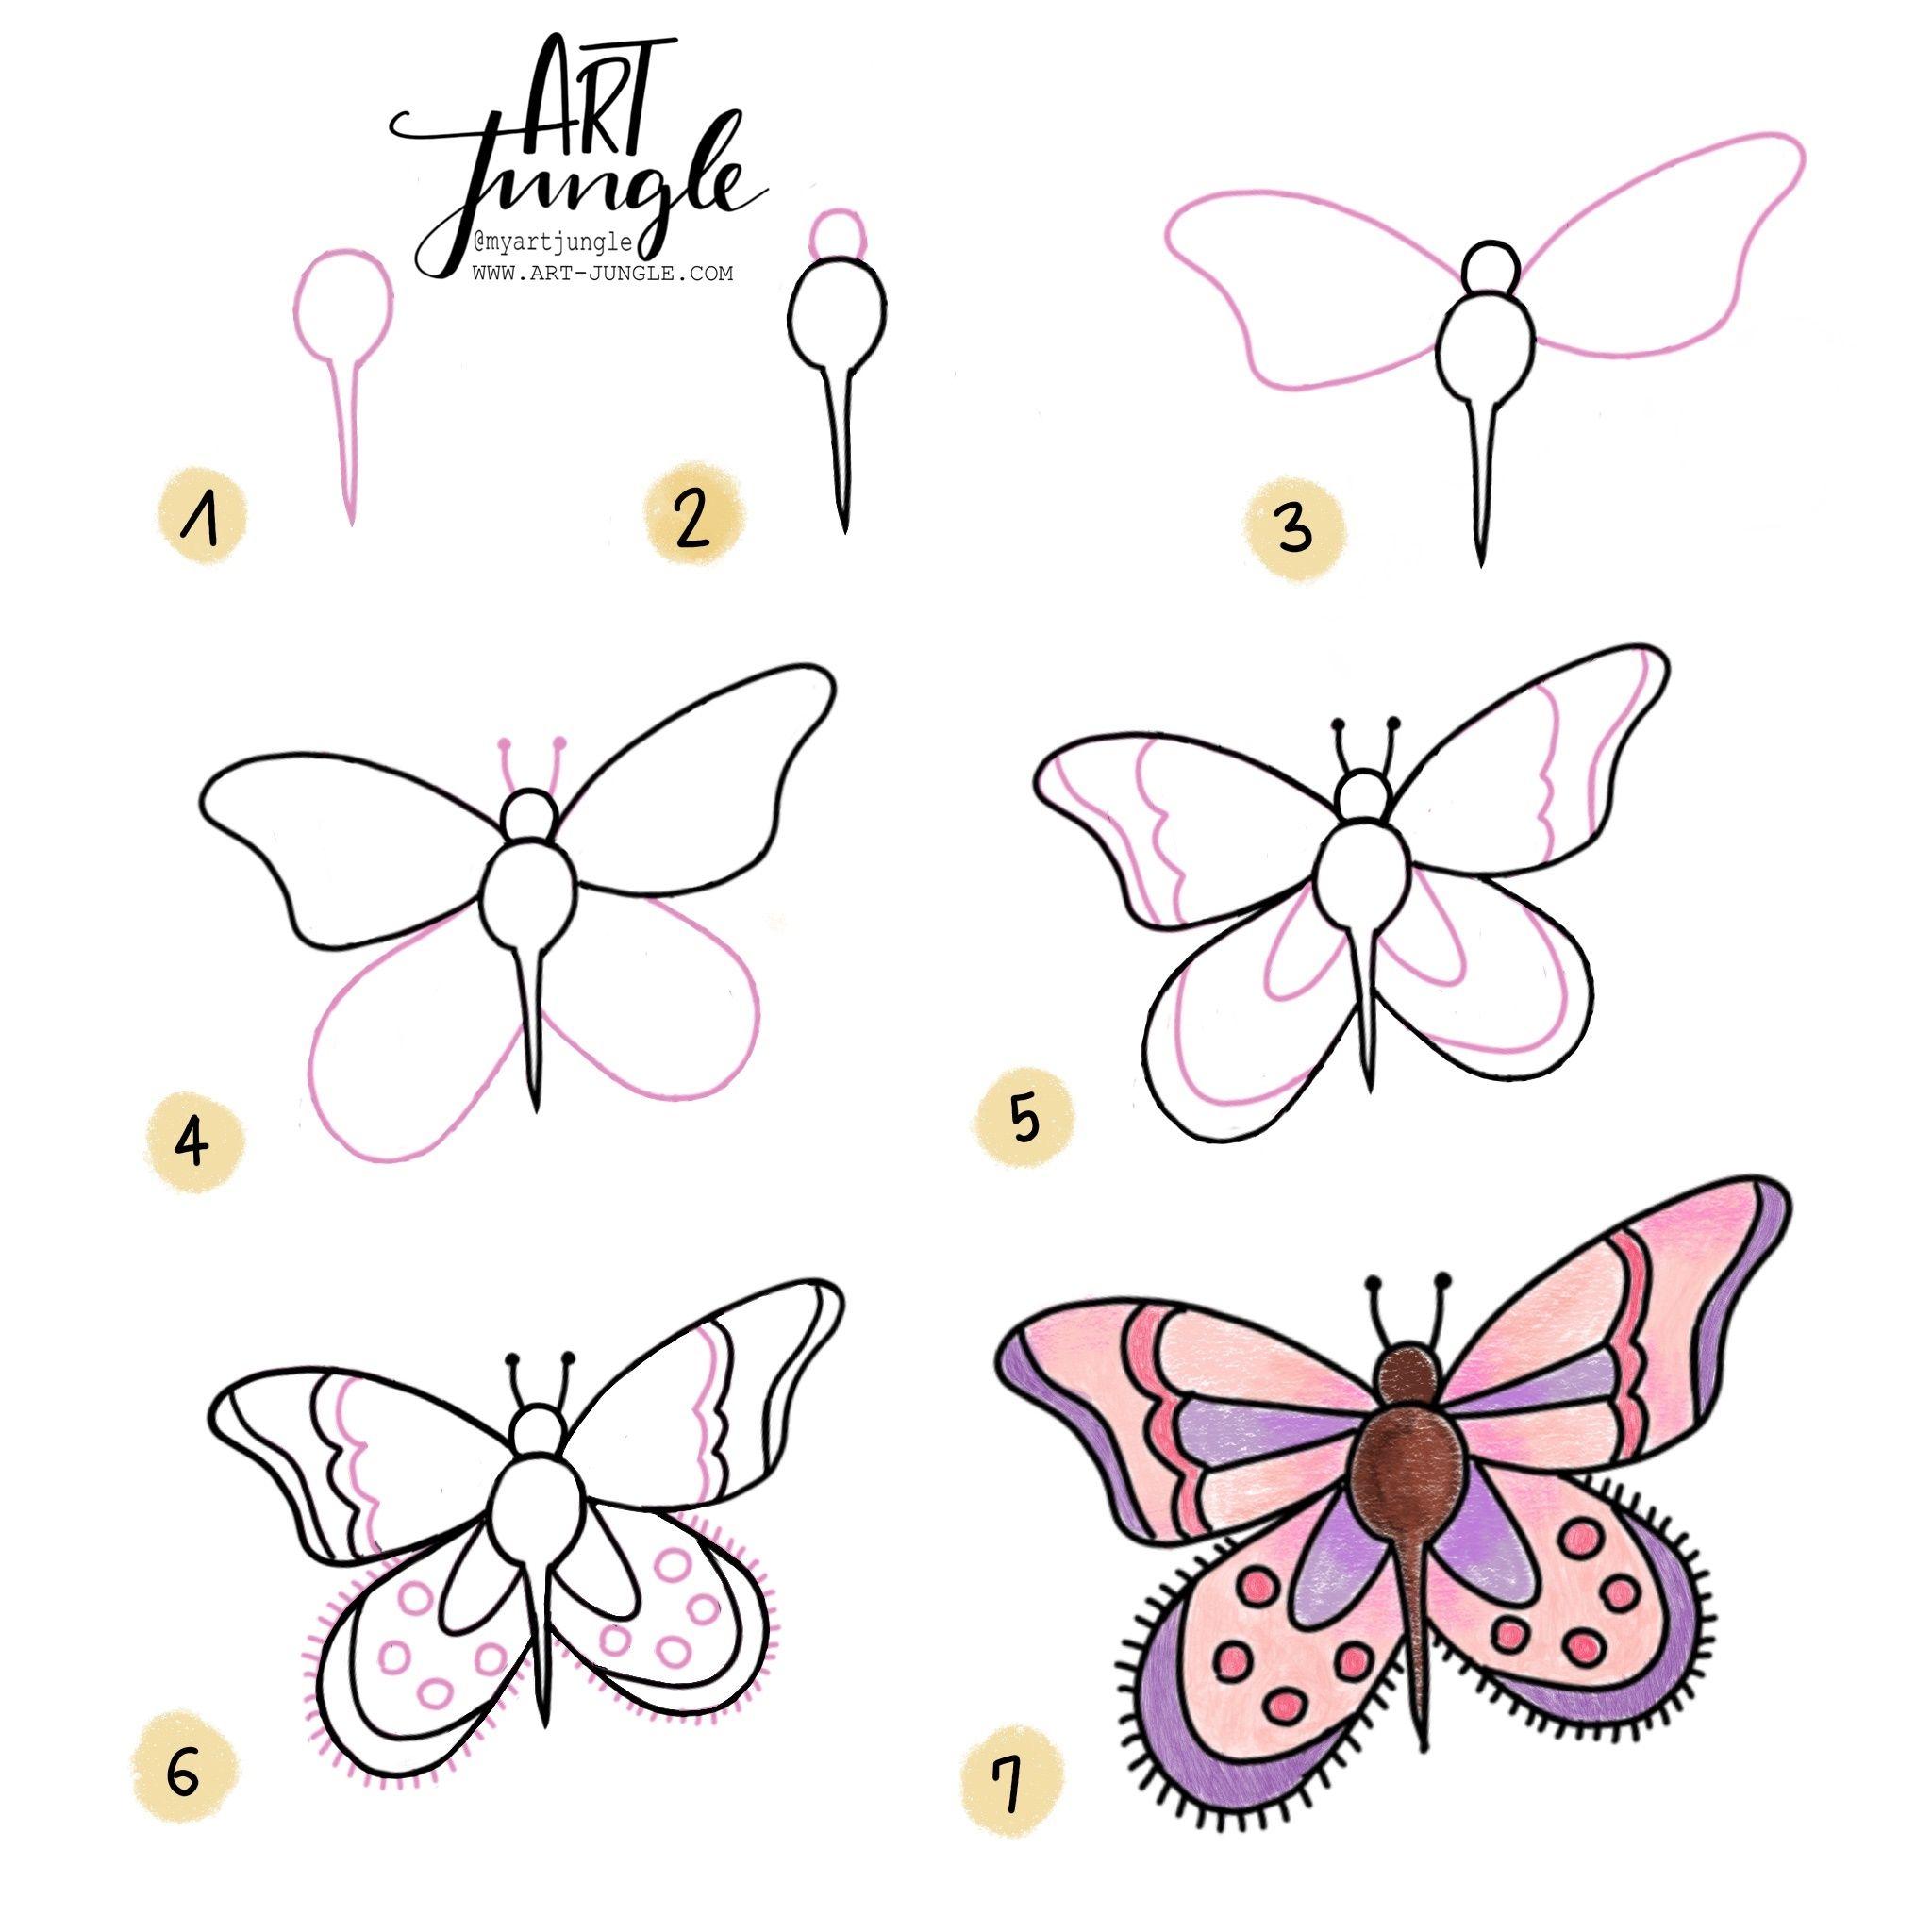 Einfach Malen Zeichnen Bullet Journal Und Sketchnotes Doodles How To Draw Malvorlage Einfach Zeichnen Schmetterlingszeichnung Schmetterling Zeichnen